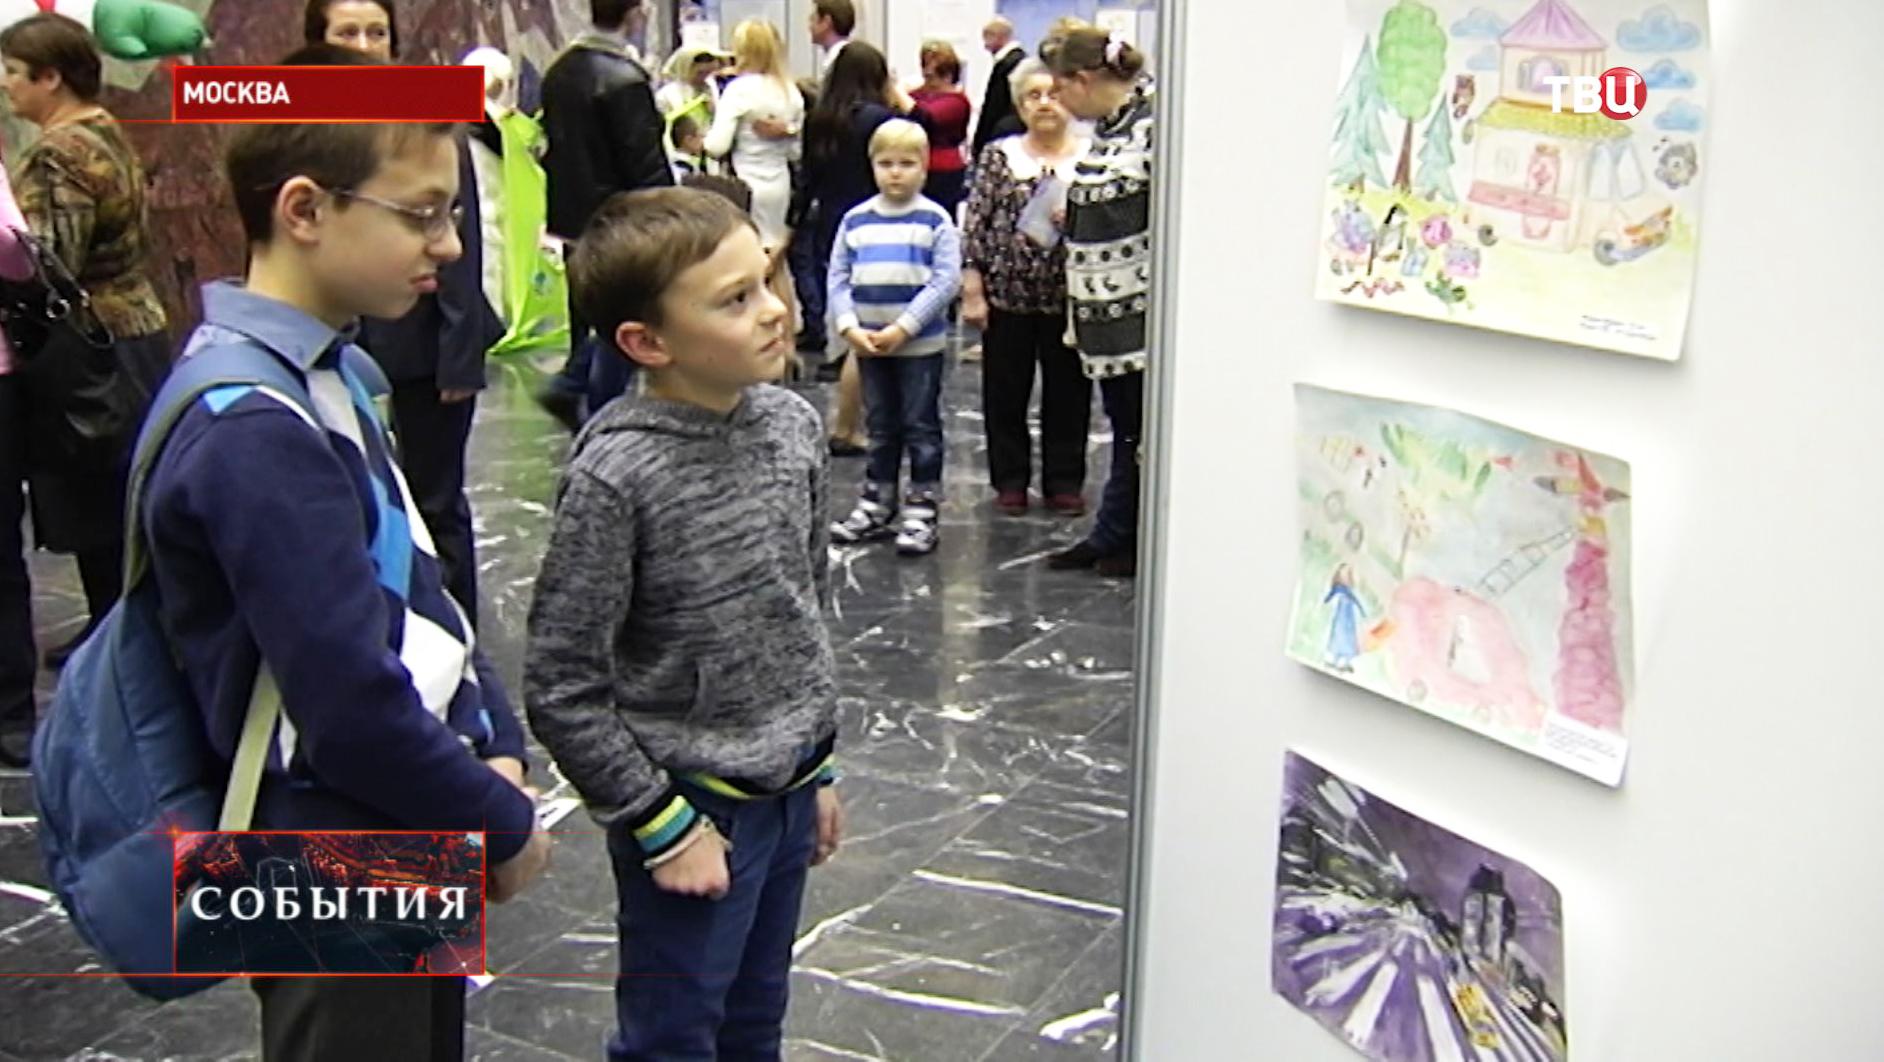 Конкурс детского рисунка в Москве